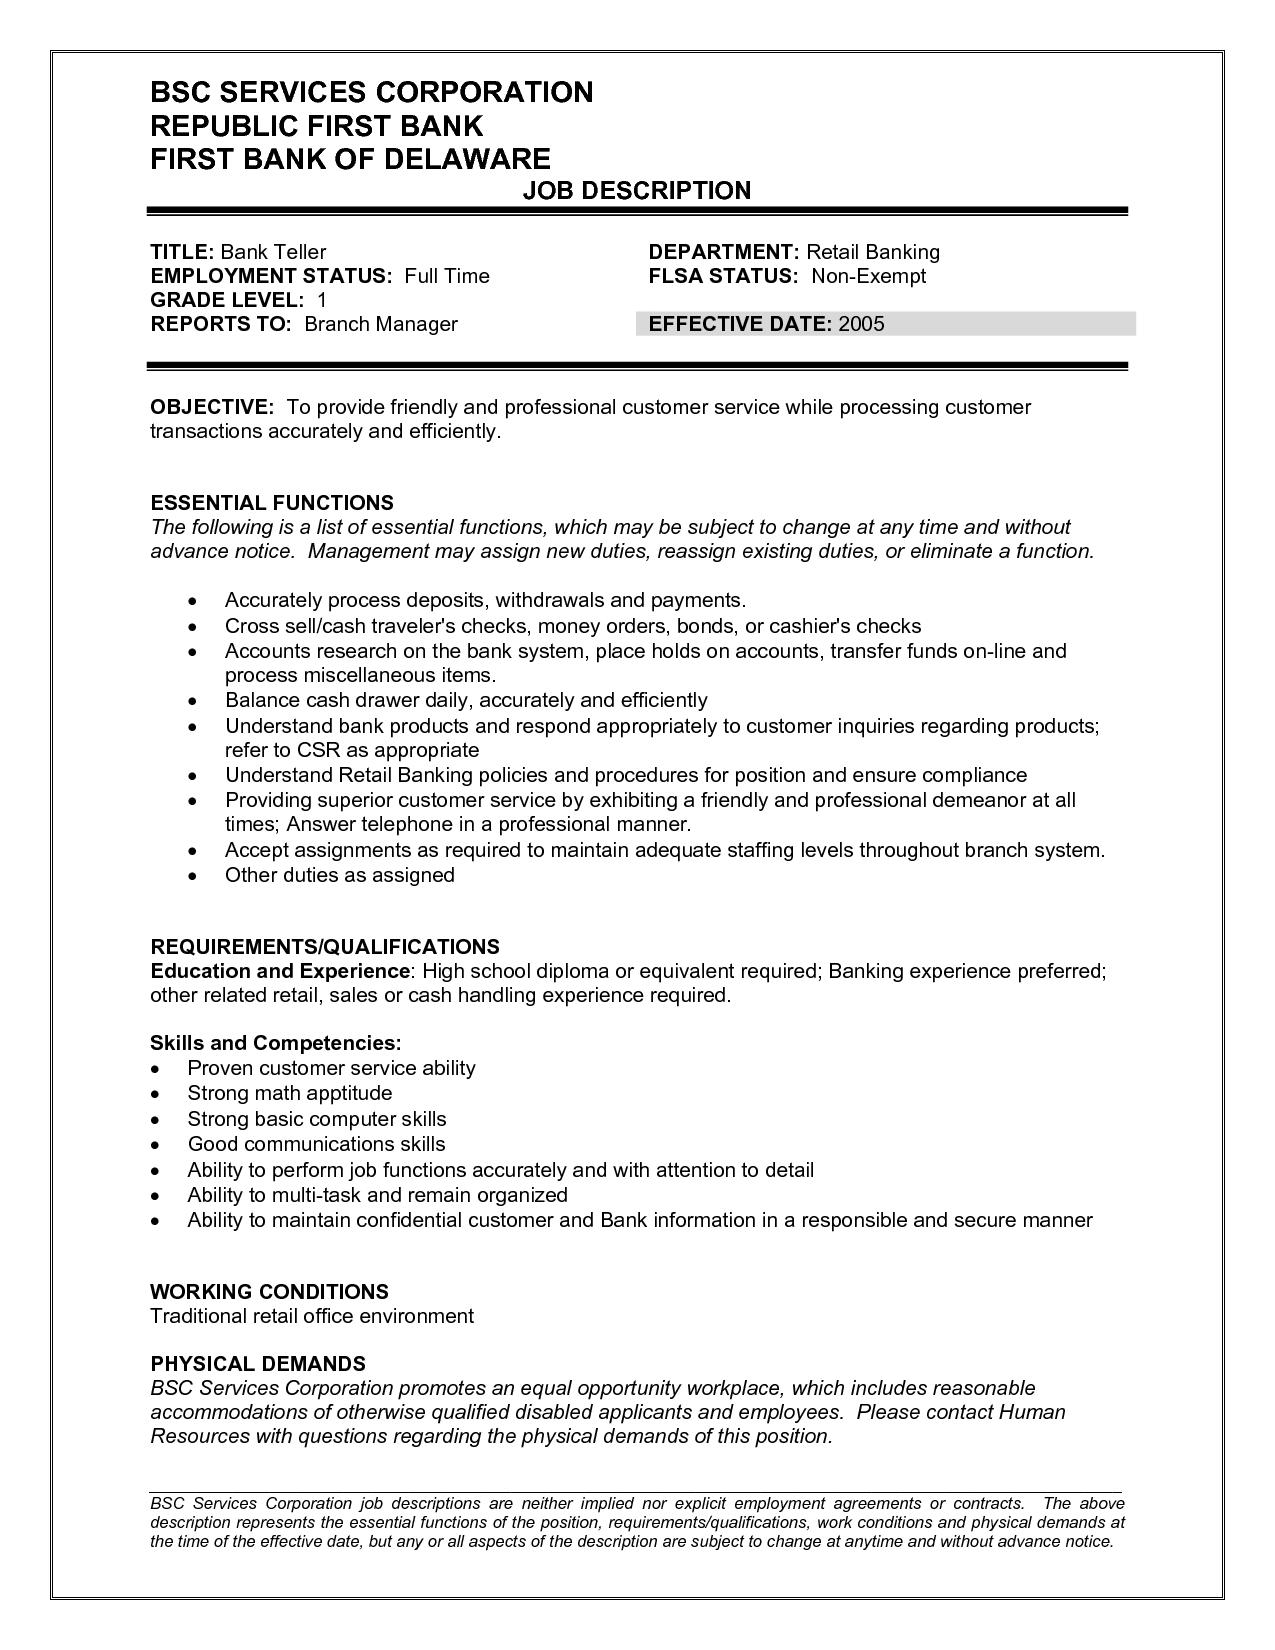 Bank Teller Job Resume Resume Sample